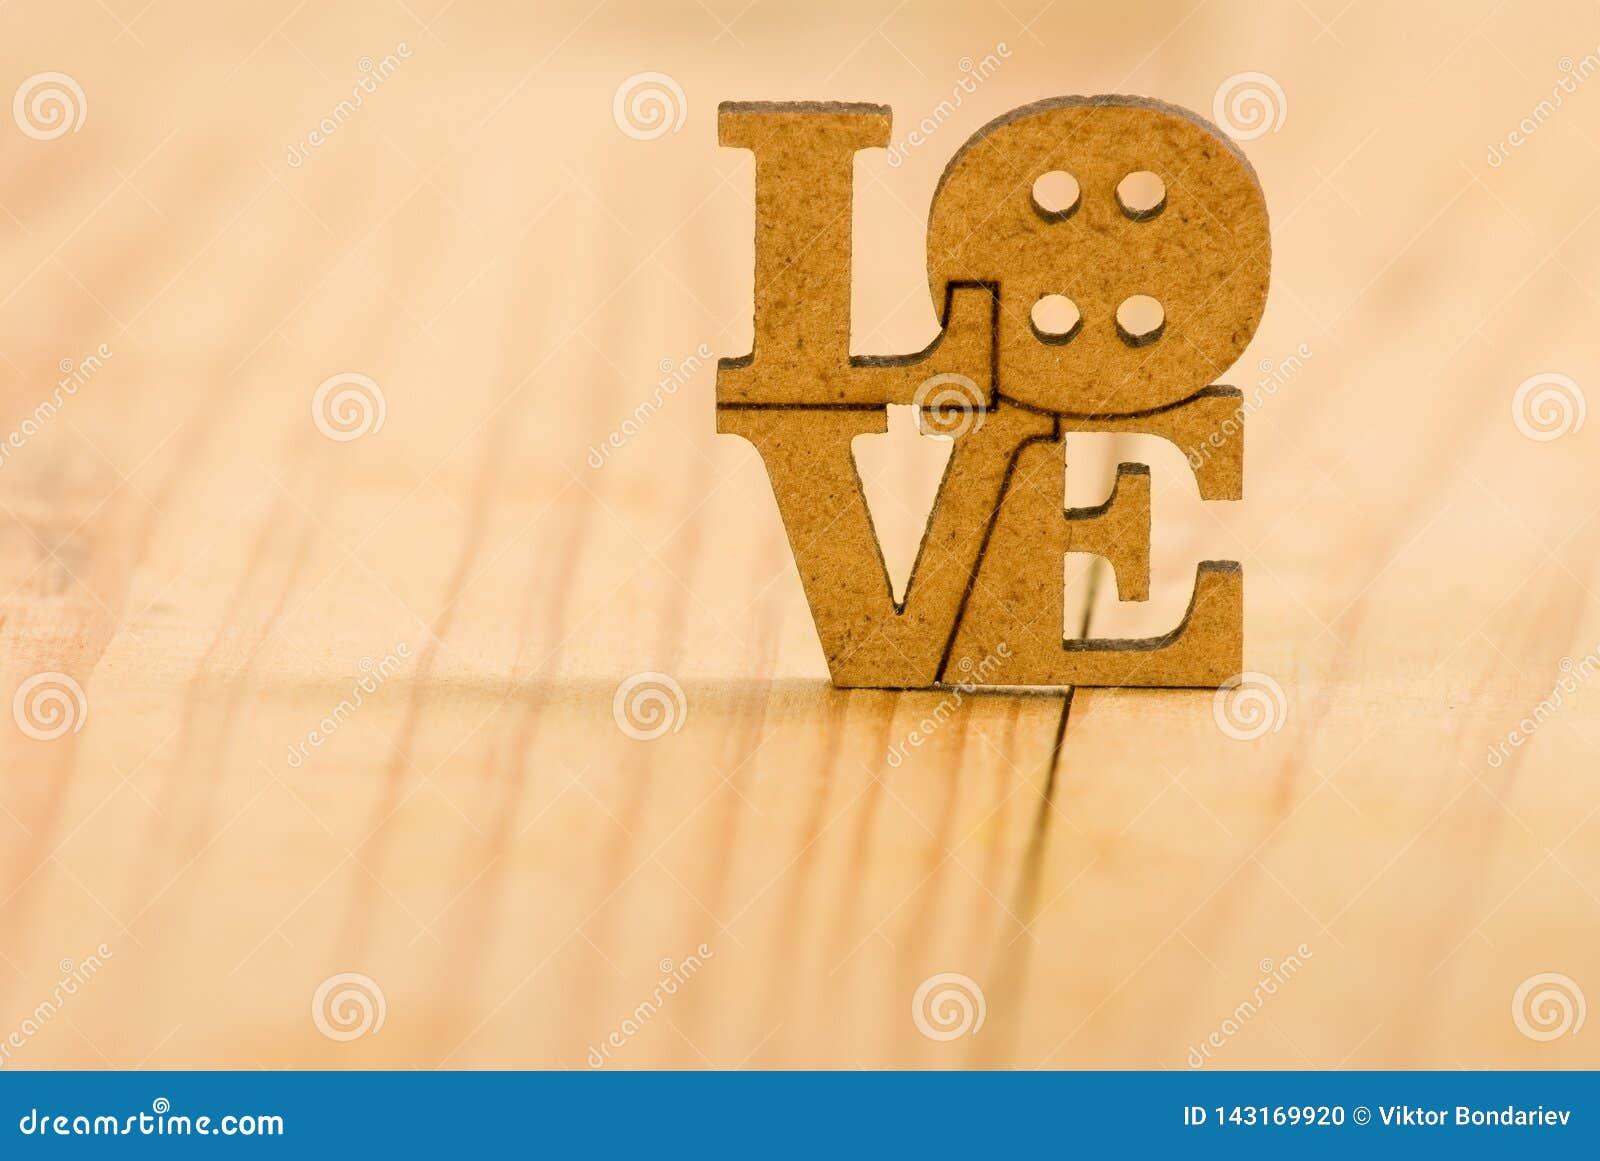 Image de l inscription de l amour comme symbole de l amour et de la dévotion